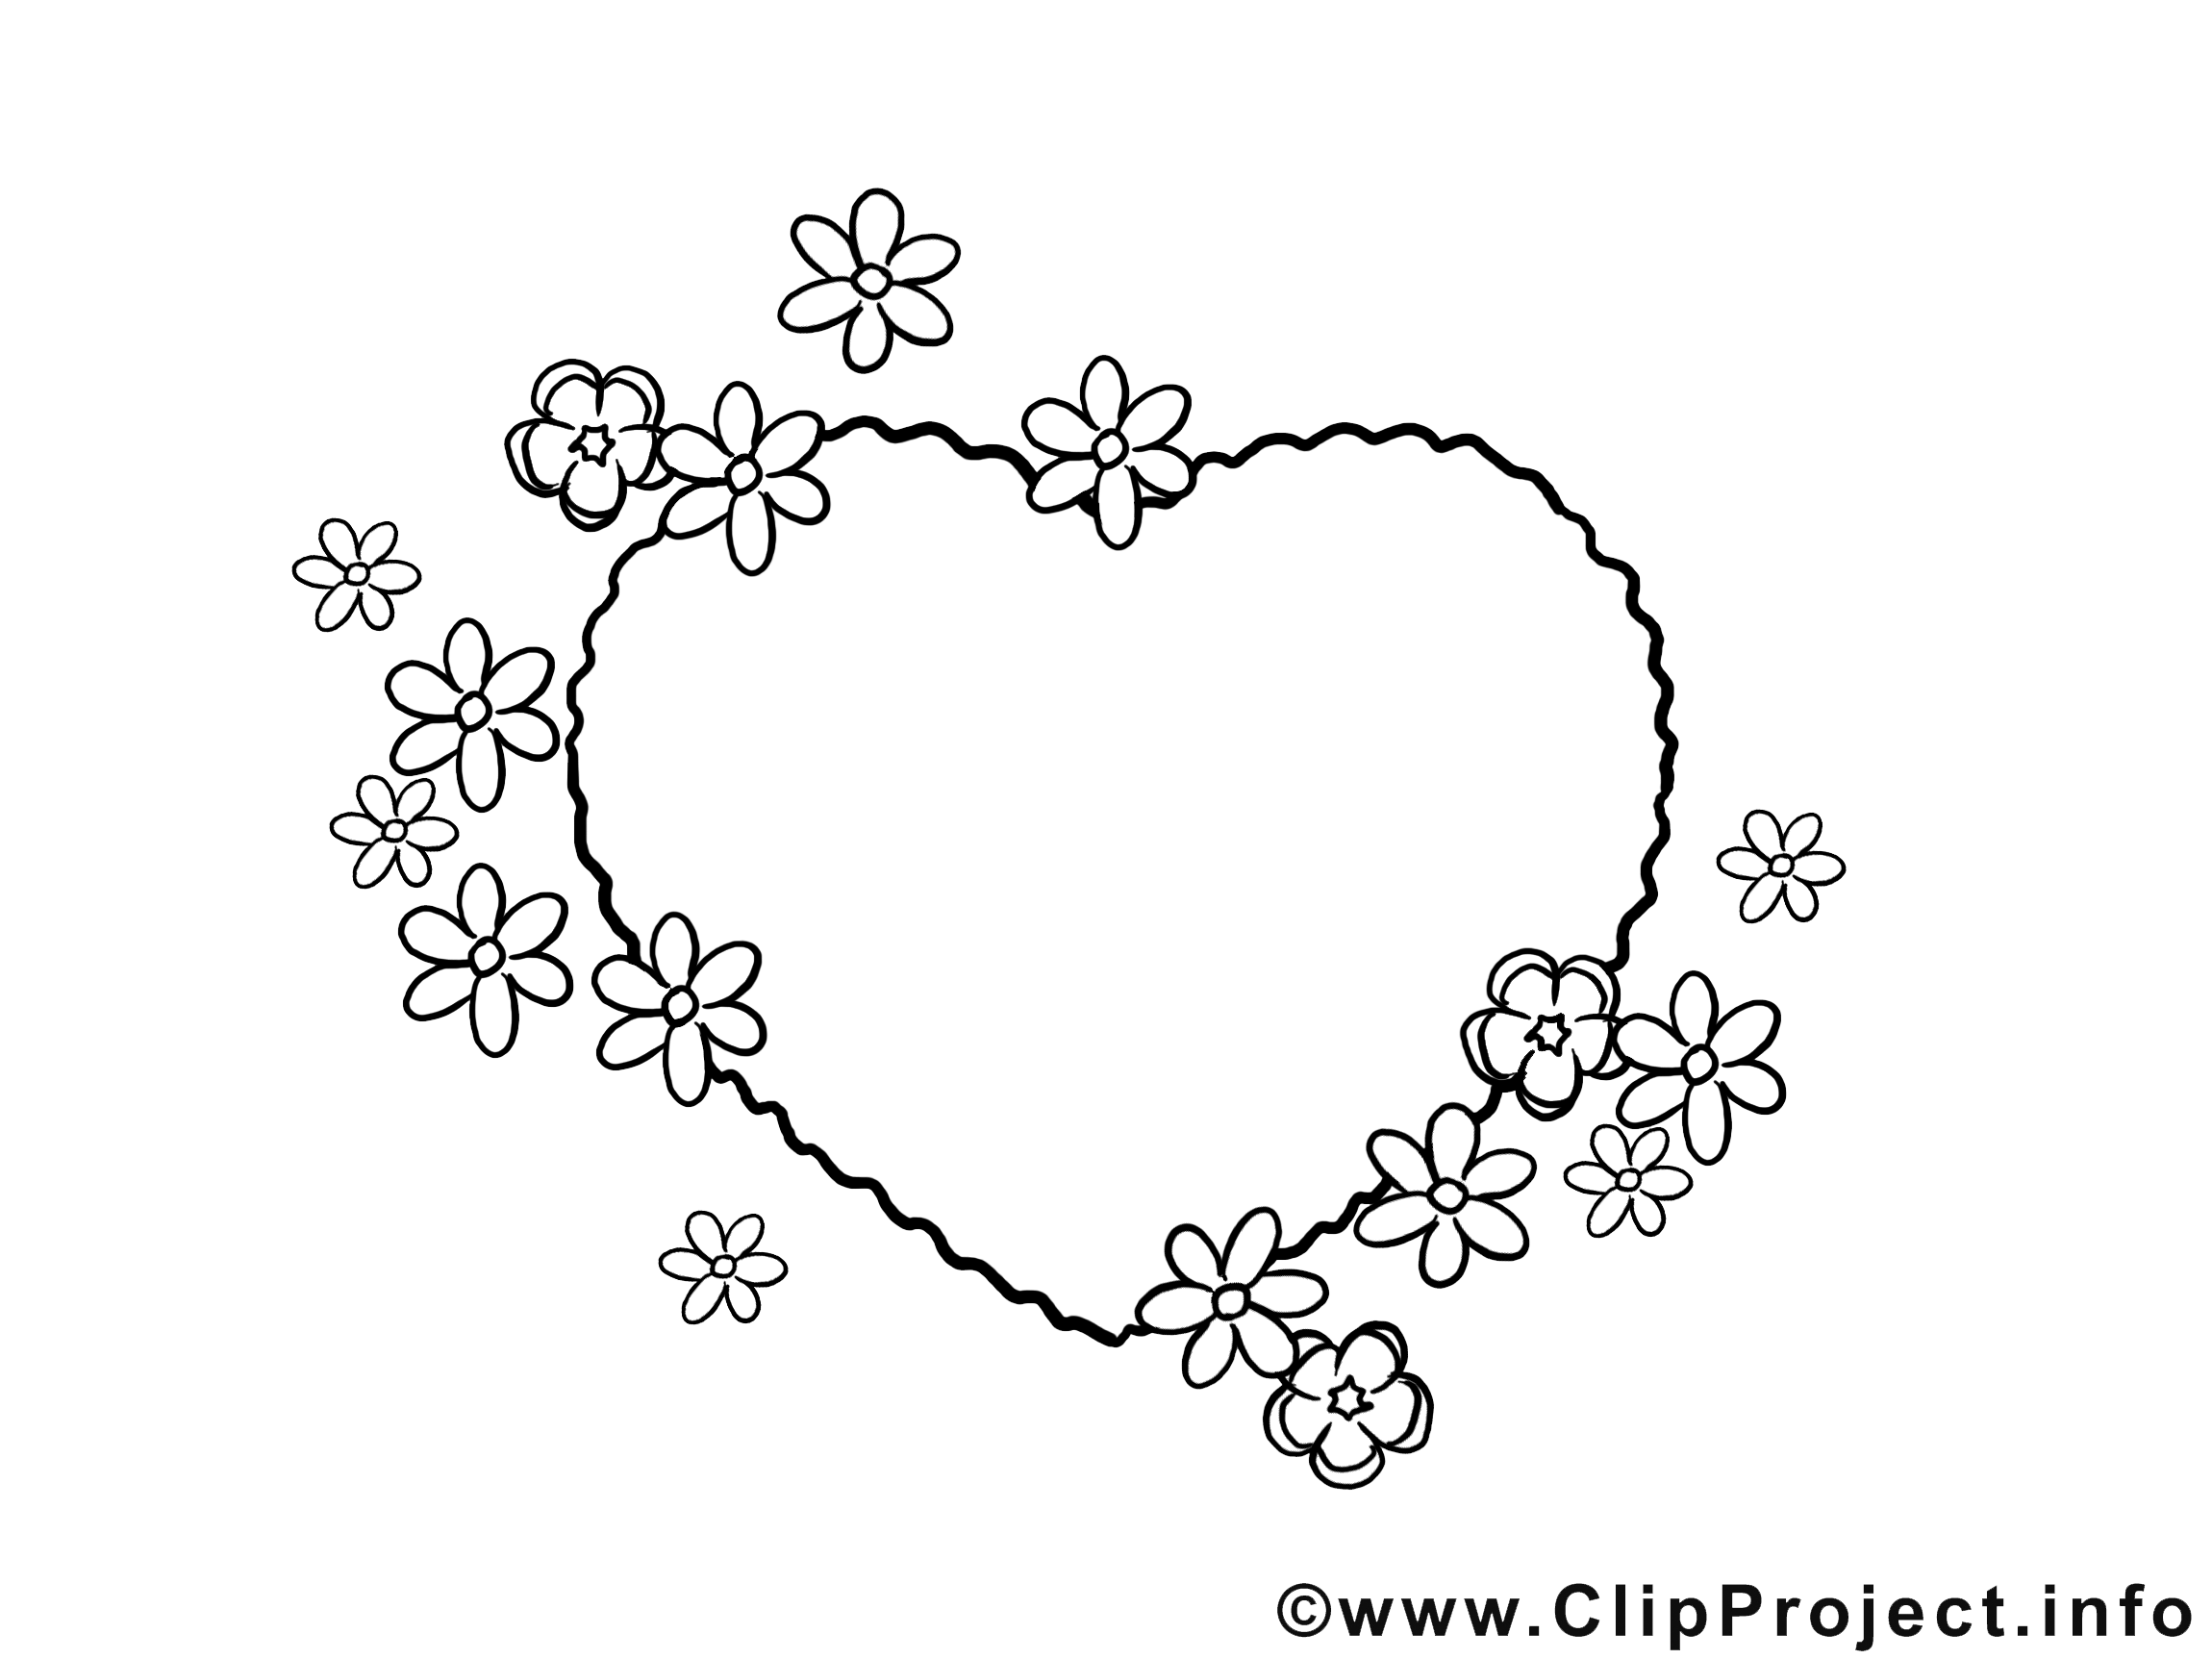 Coloriage Coeur Motif.Coloriage Coeur Clip Art Fete Des Meres Gratuite Fete